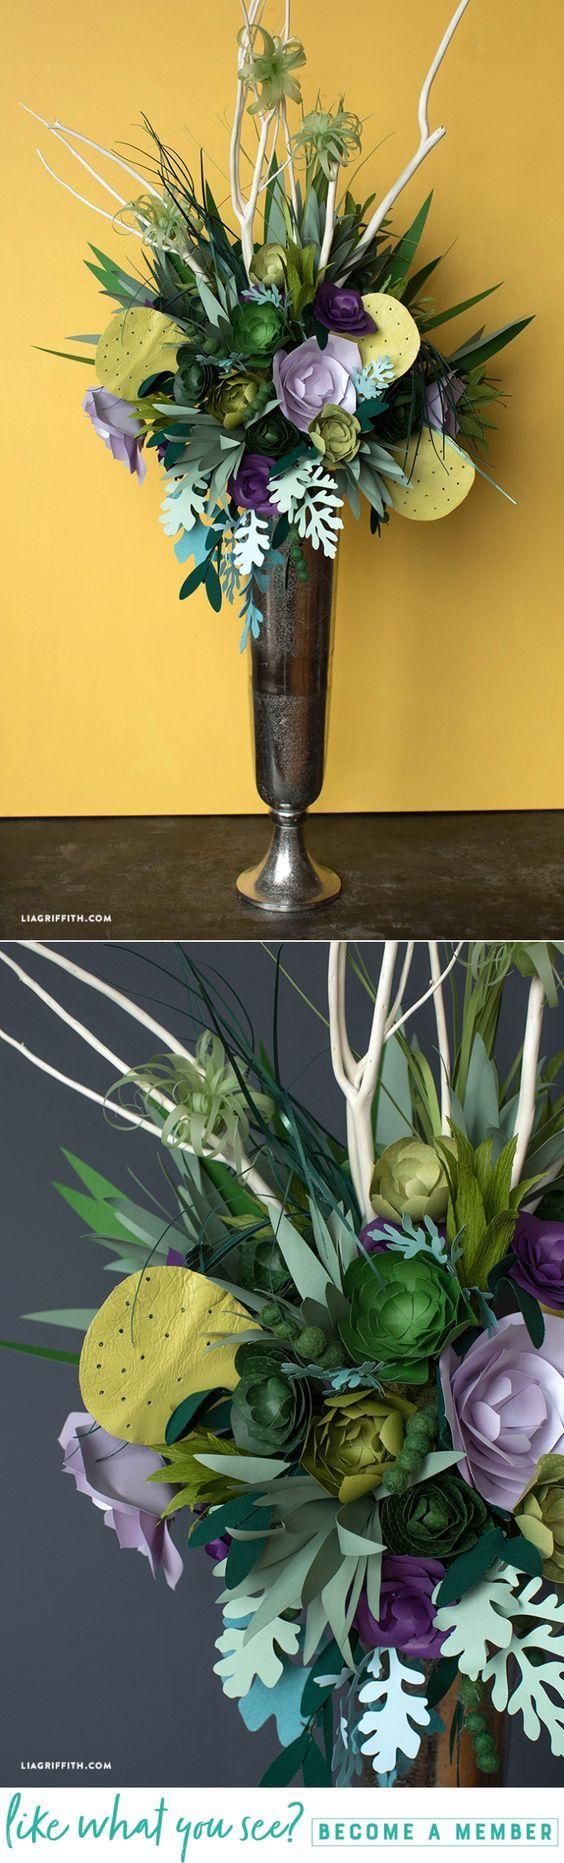 DIY Floral Bouquet - www.LiaGriffith.com - #diypaperflowers #paperflowers #paperflower #papersucculent #cricutmade #cricutmaker #officialcricut #Jumbopaperflower #giantpaperflower